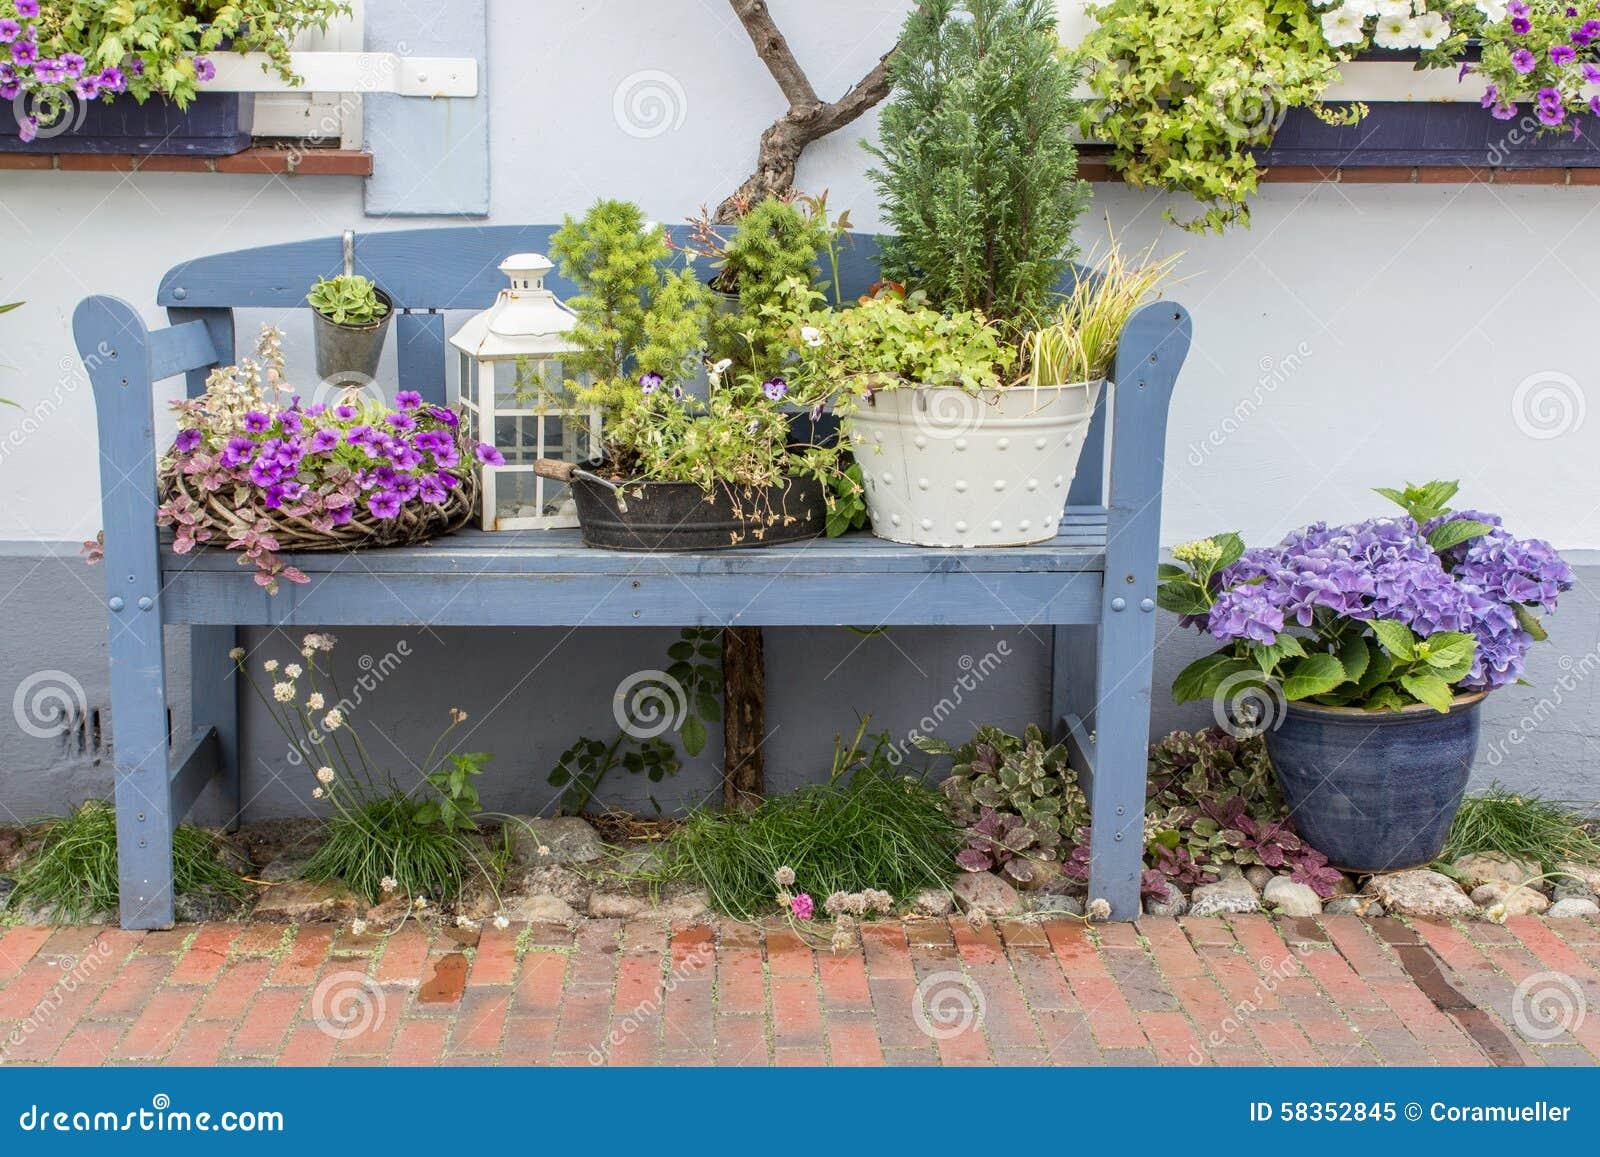 blue garden bench stock photo - image: 58352845